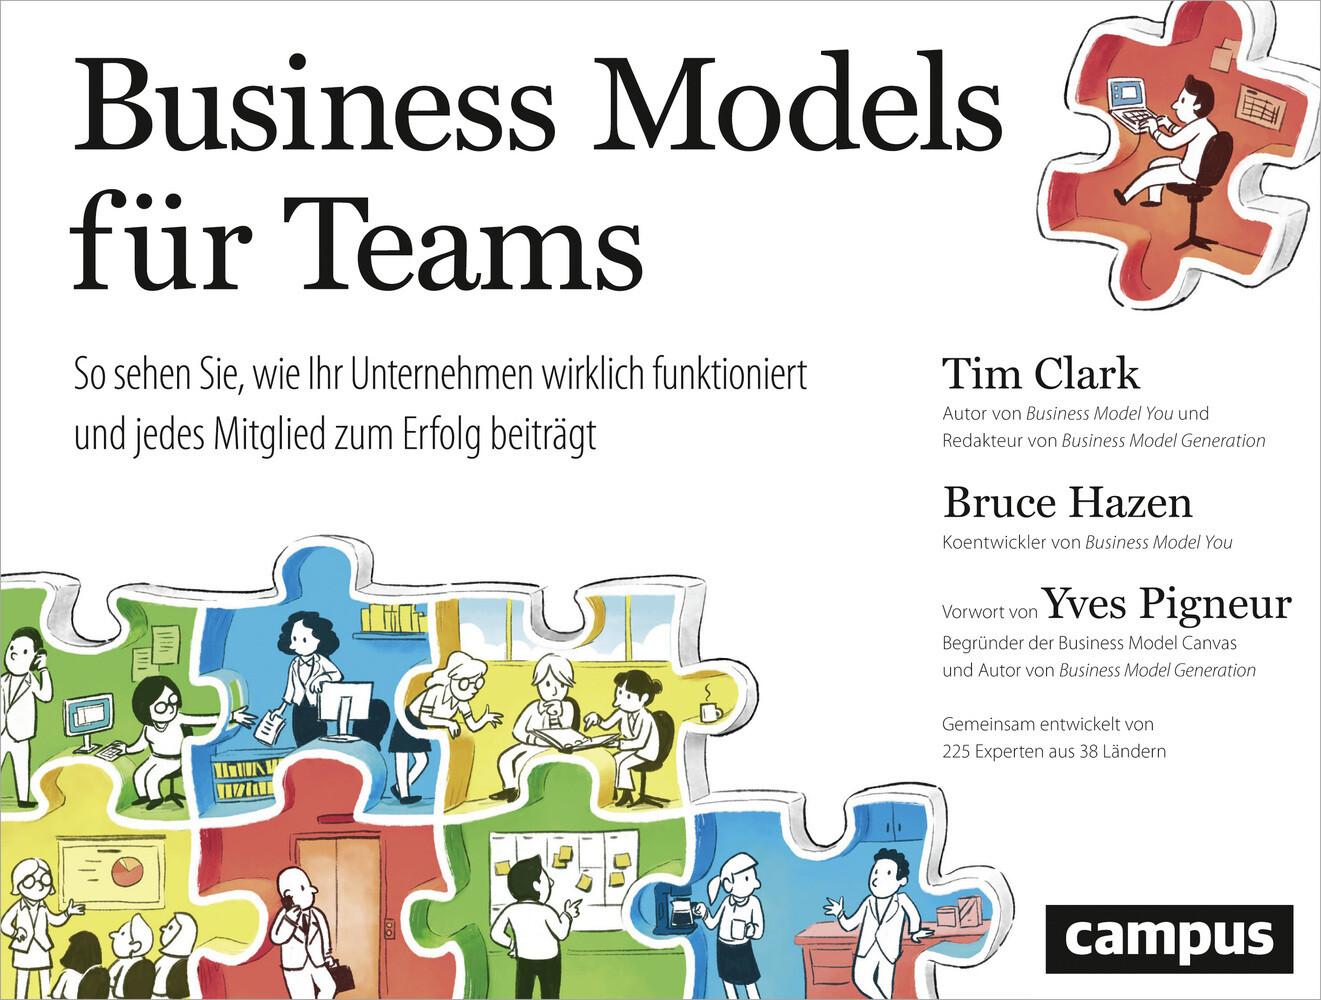 Business Models für Teams als Buch